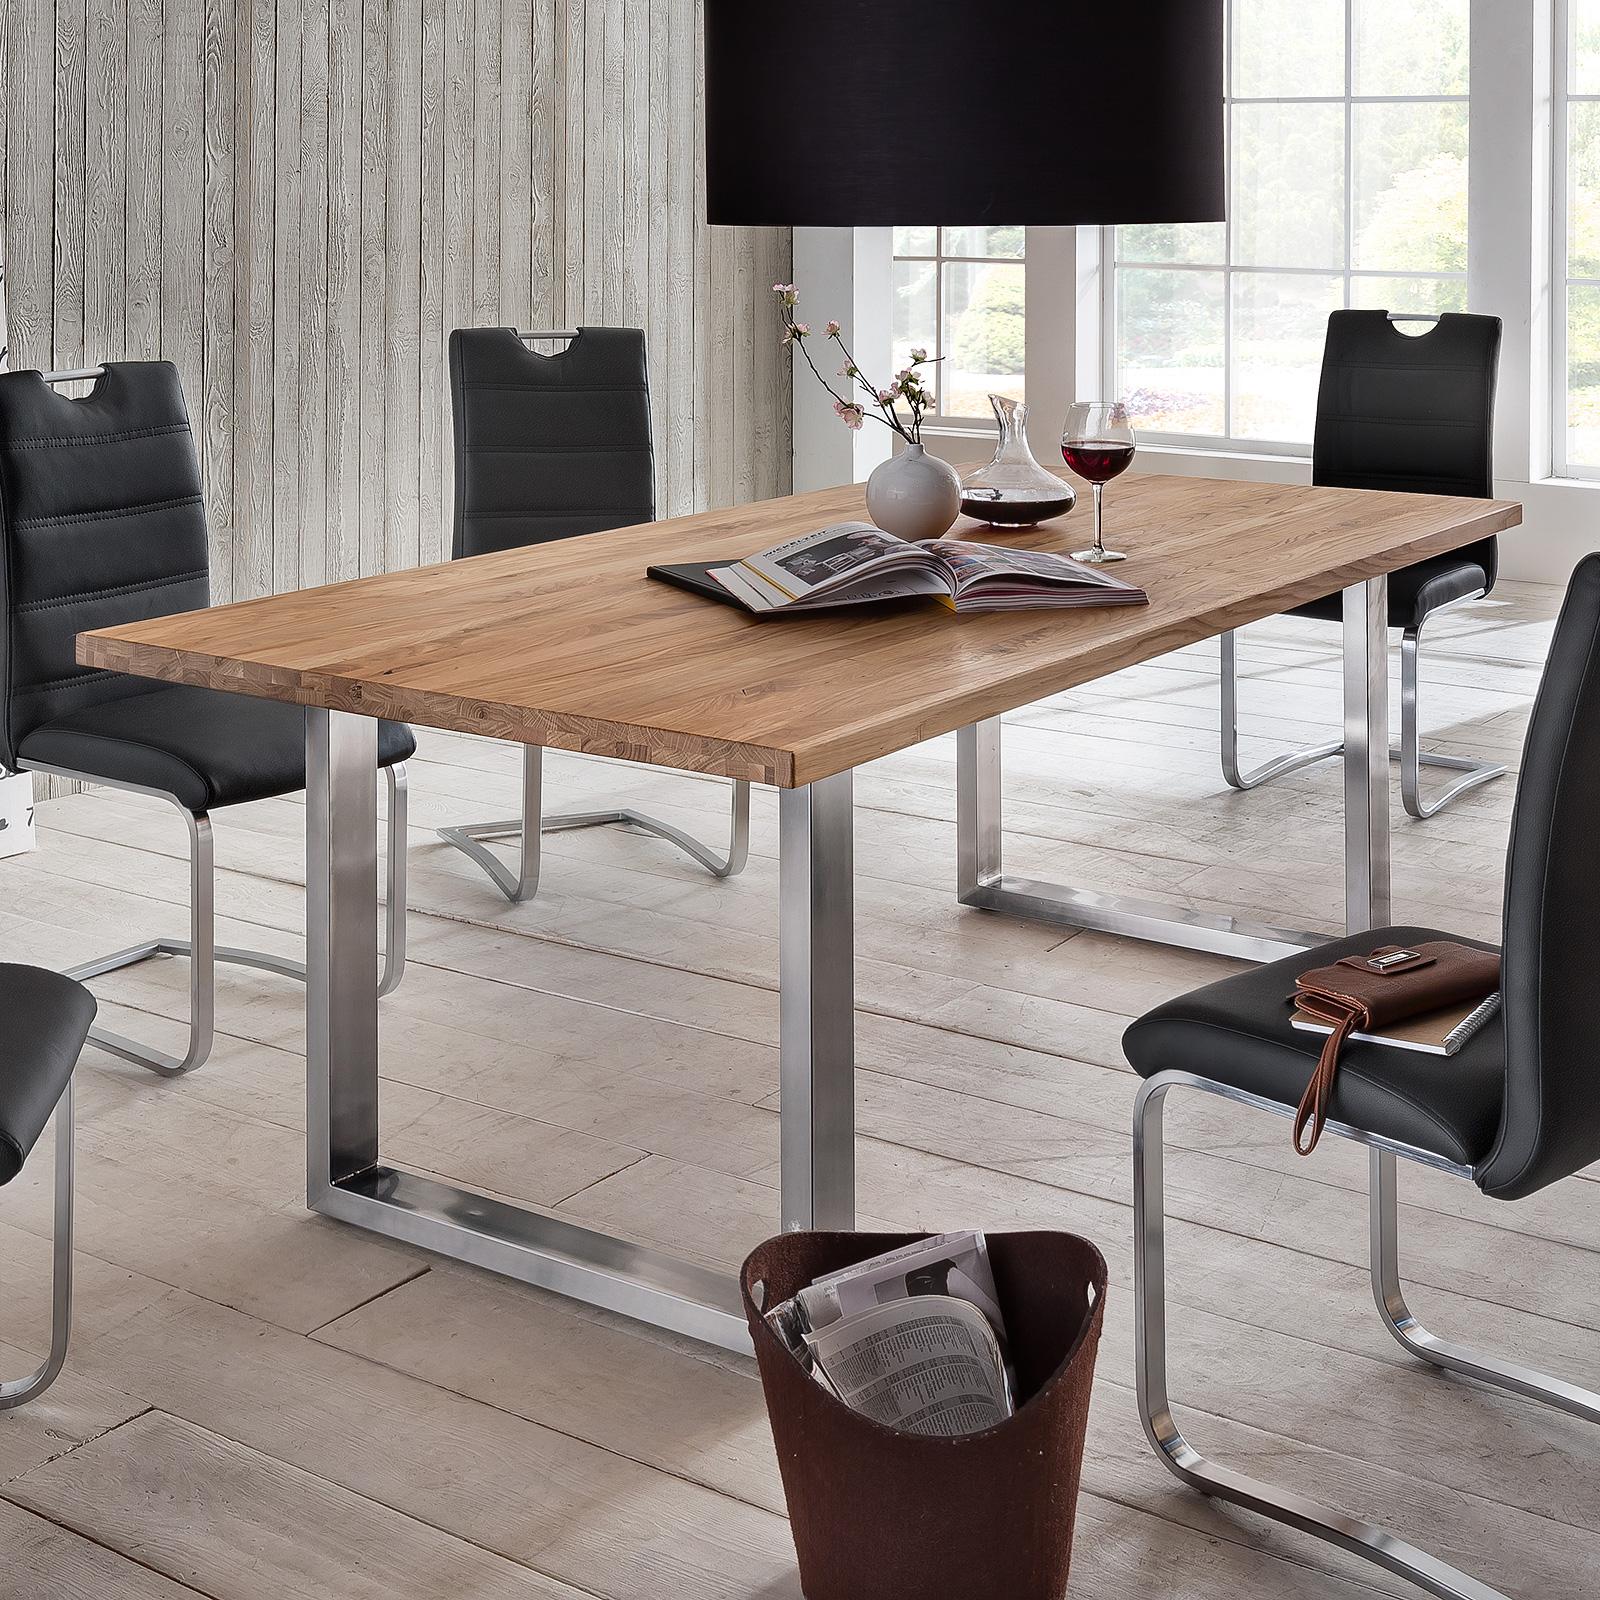 esstisch brooklyn esszimmertisch eiche massiv platte gr e und gestell w hlbar ebay. Black Bedroom Furniture Sets. Home Design Ideas